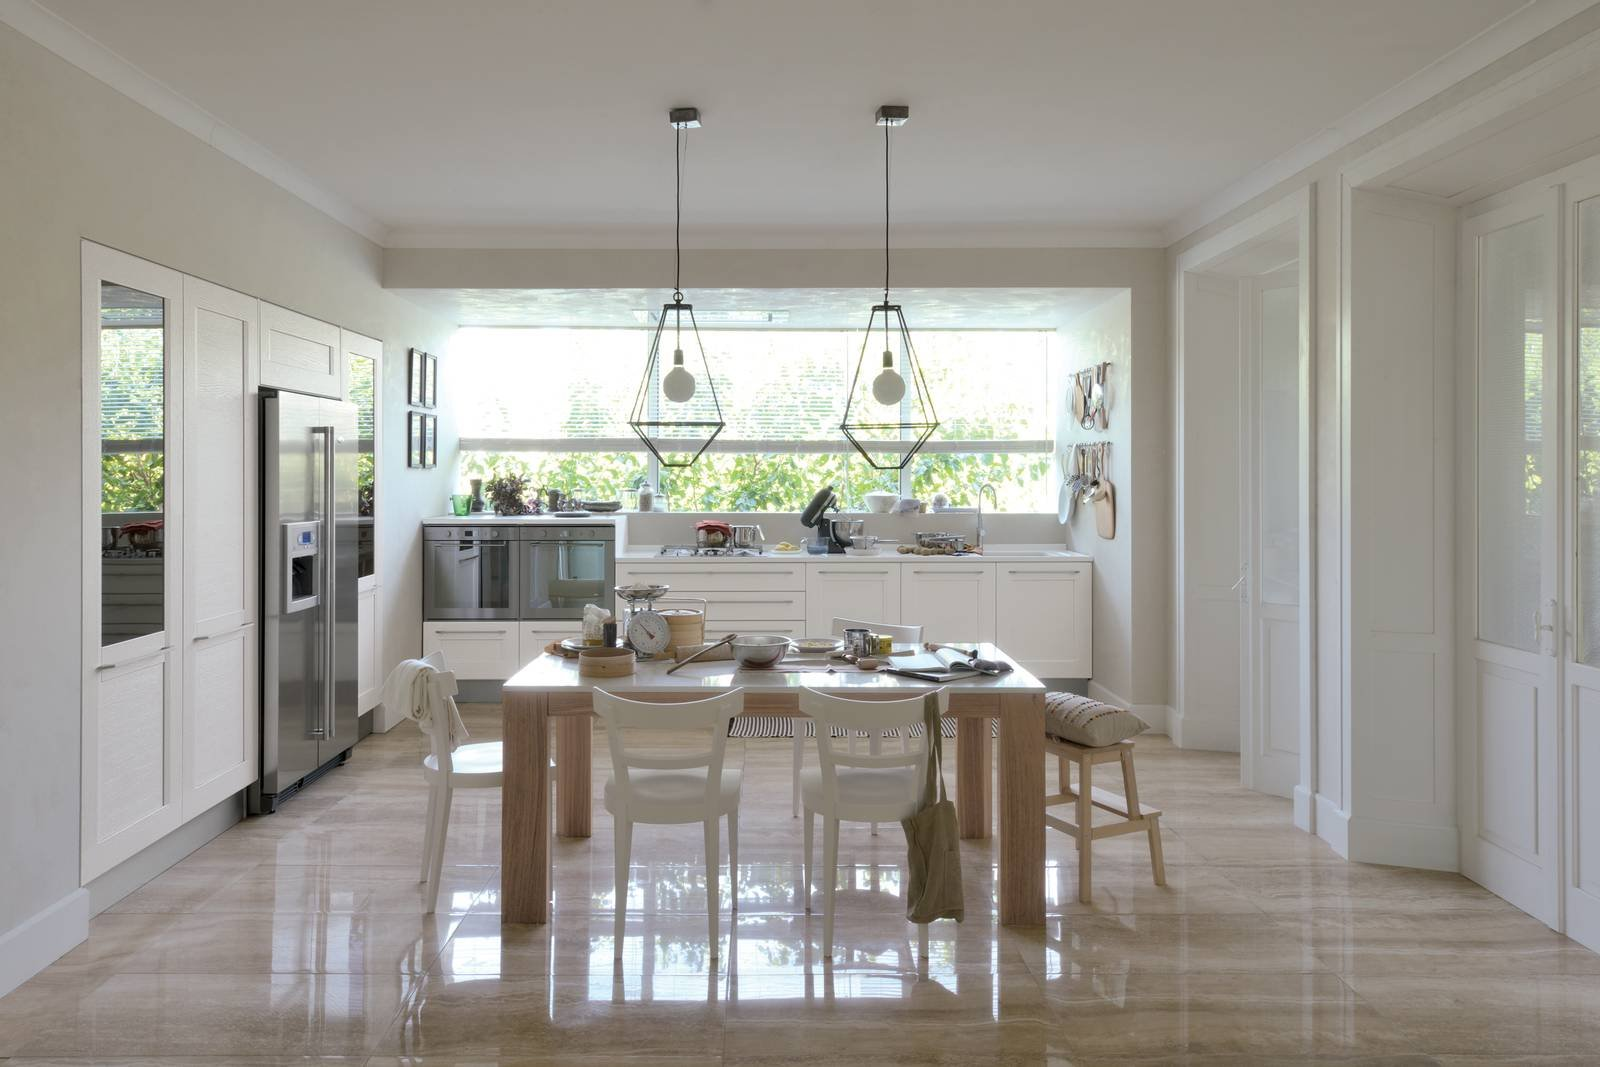 La cucina sotto la finestra 12 composizioni cui ispirarsi for Immagini per cucina